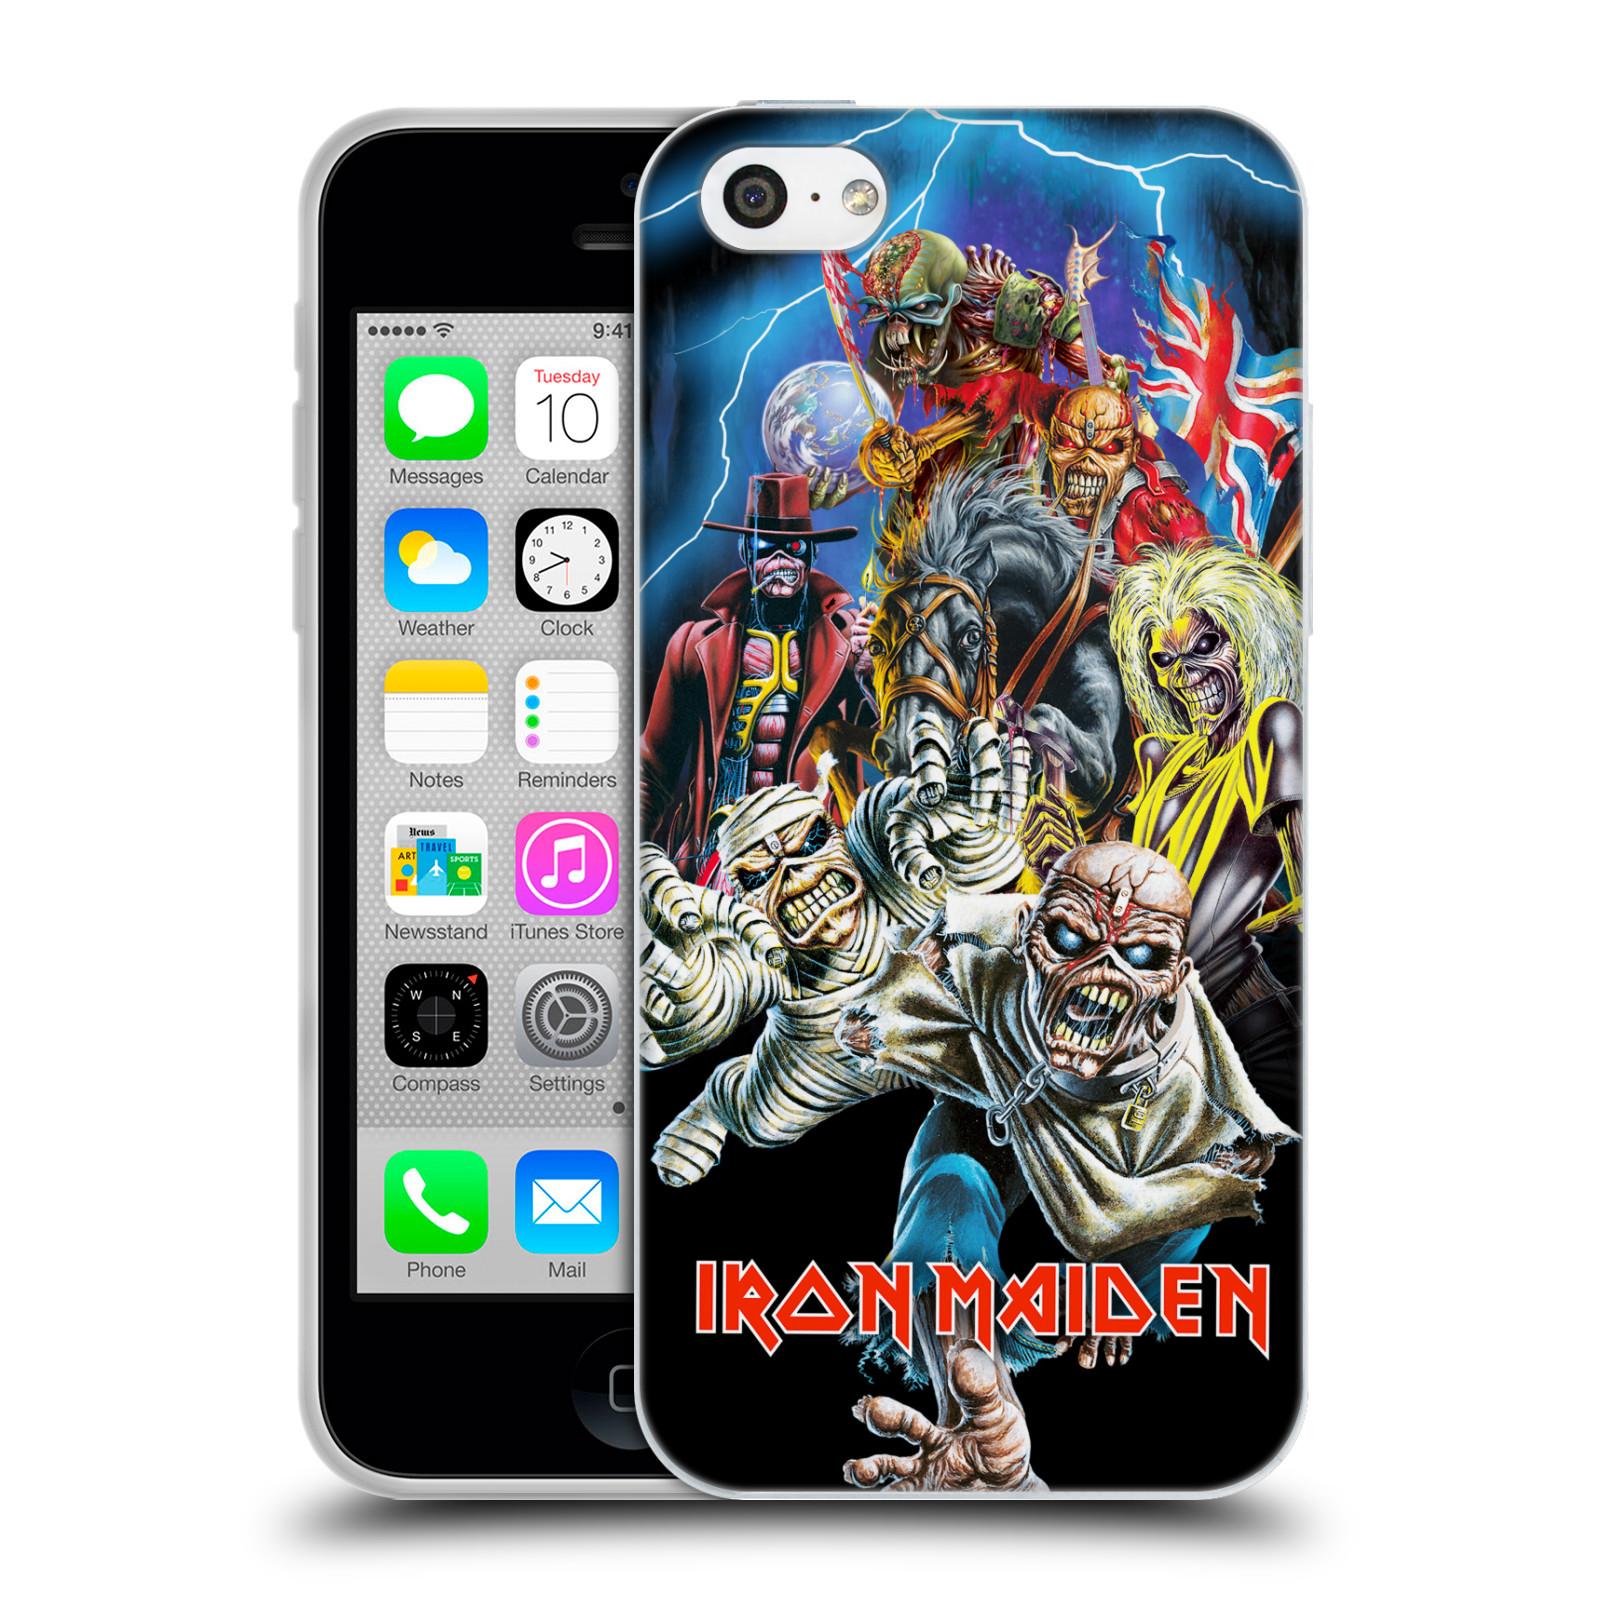 Silikonové pouzdro na mobil Apple iPhone 5C HEAD CASE - Iron Maiden - Best Of Beast (Silikonový kryt či obal na mobilní telefon s licencovaným motivem Iron Maiden Apple iPhone 5C)